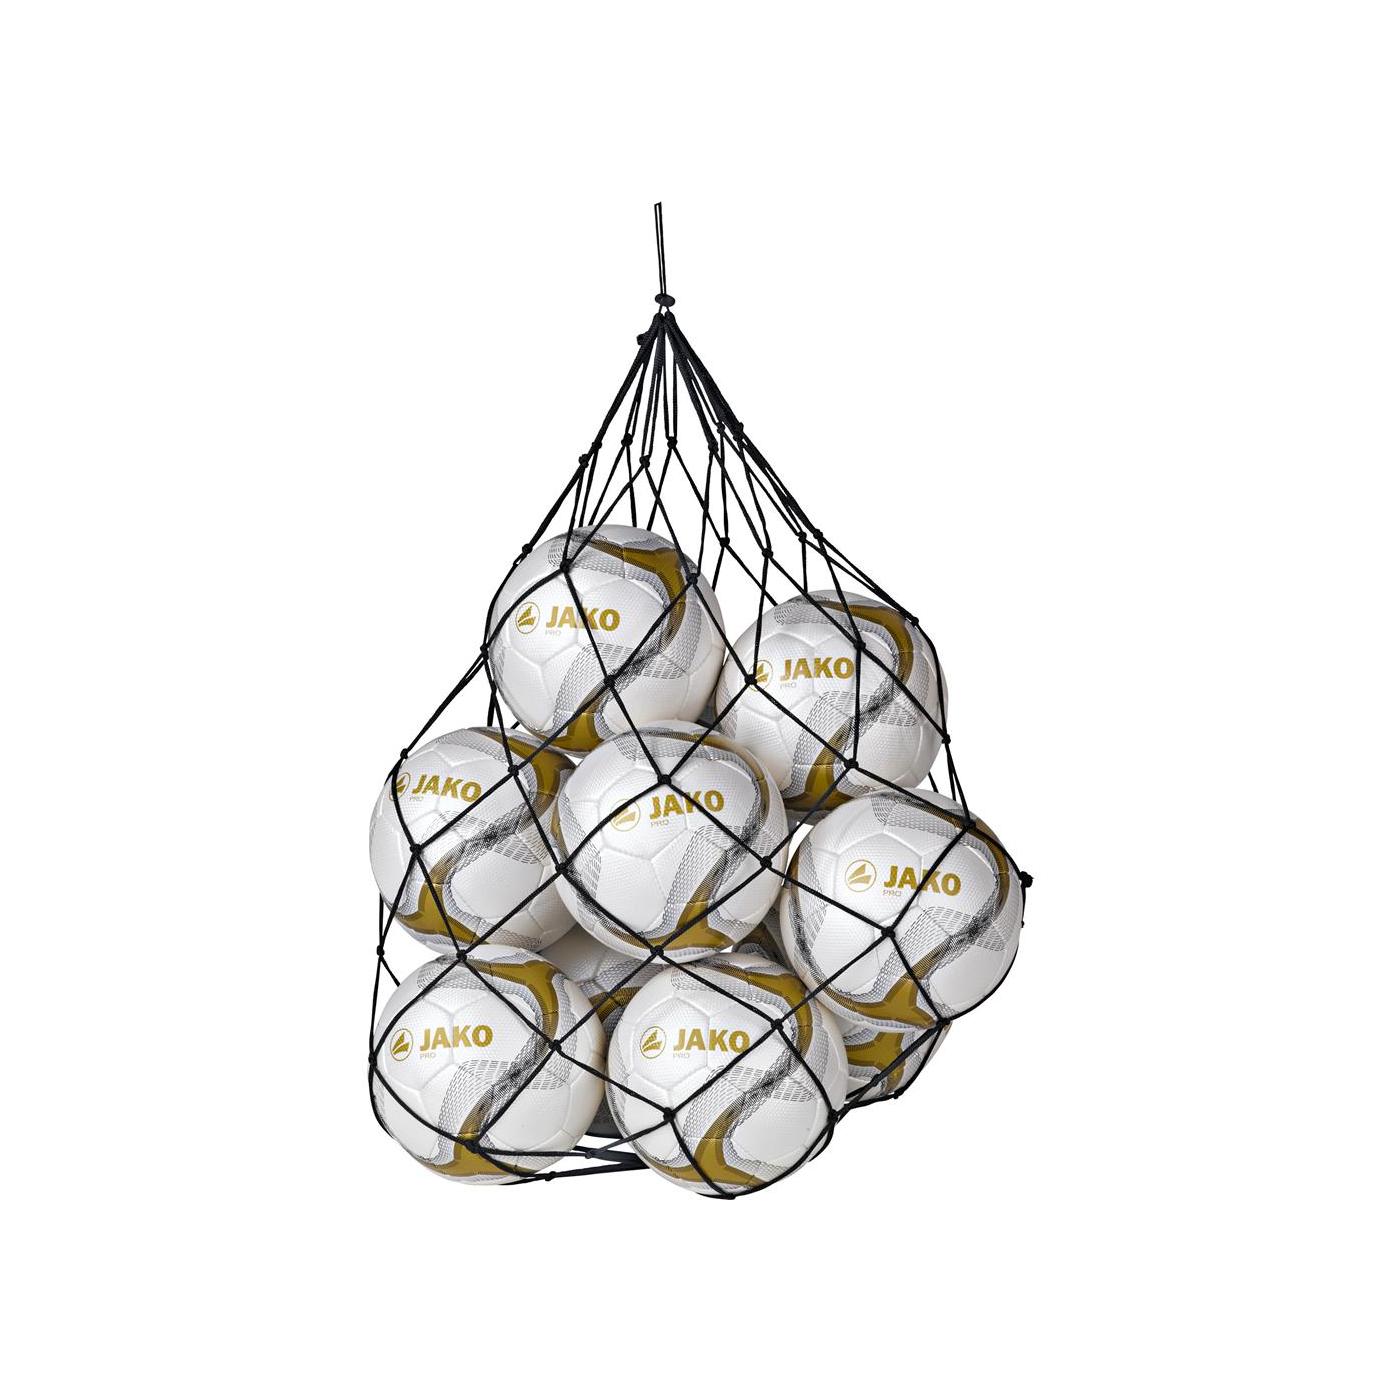 Jako Ballnetz für 10 Bälle 2390 - schwarz